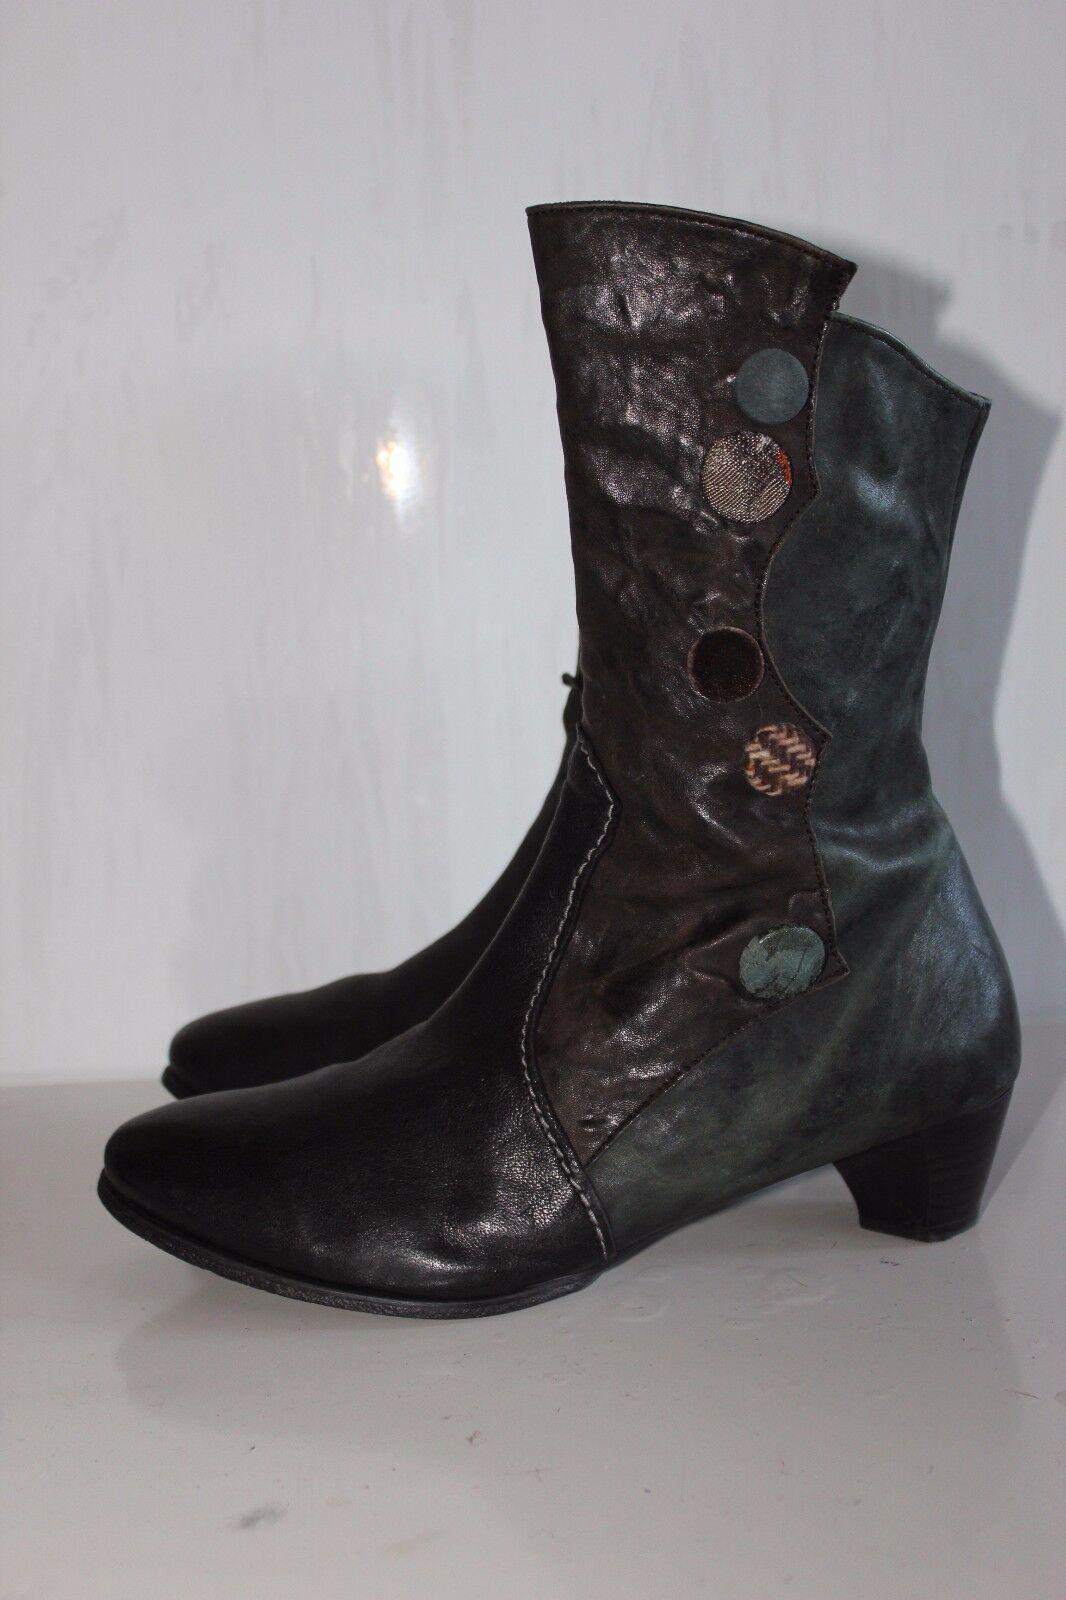 THINK AUSTRIA Superschöner Braun+Grün Echtleder Stiefel, Gr. 37, Top Zustand  | Hohe Qualität und geringer Aufwand